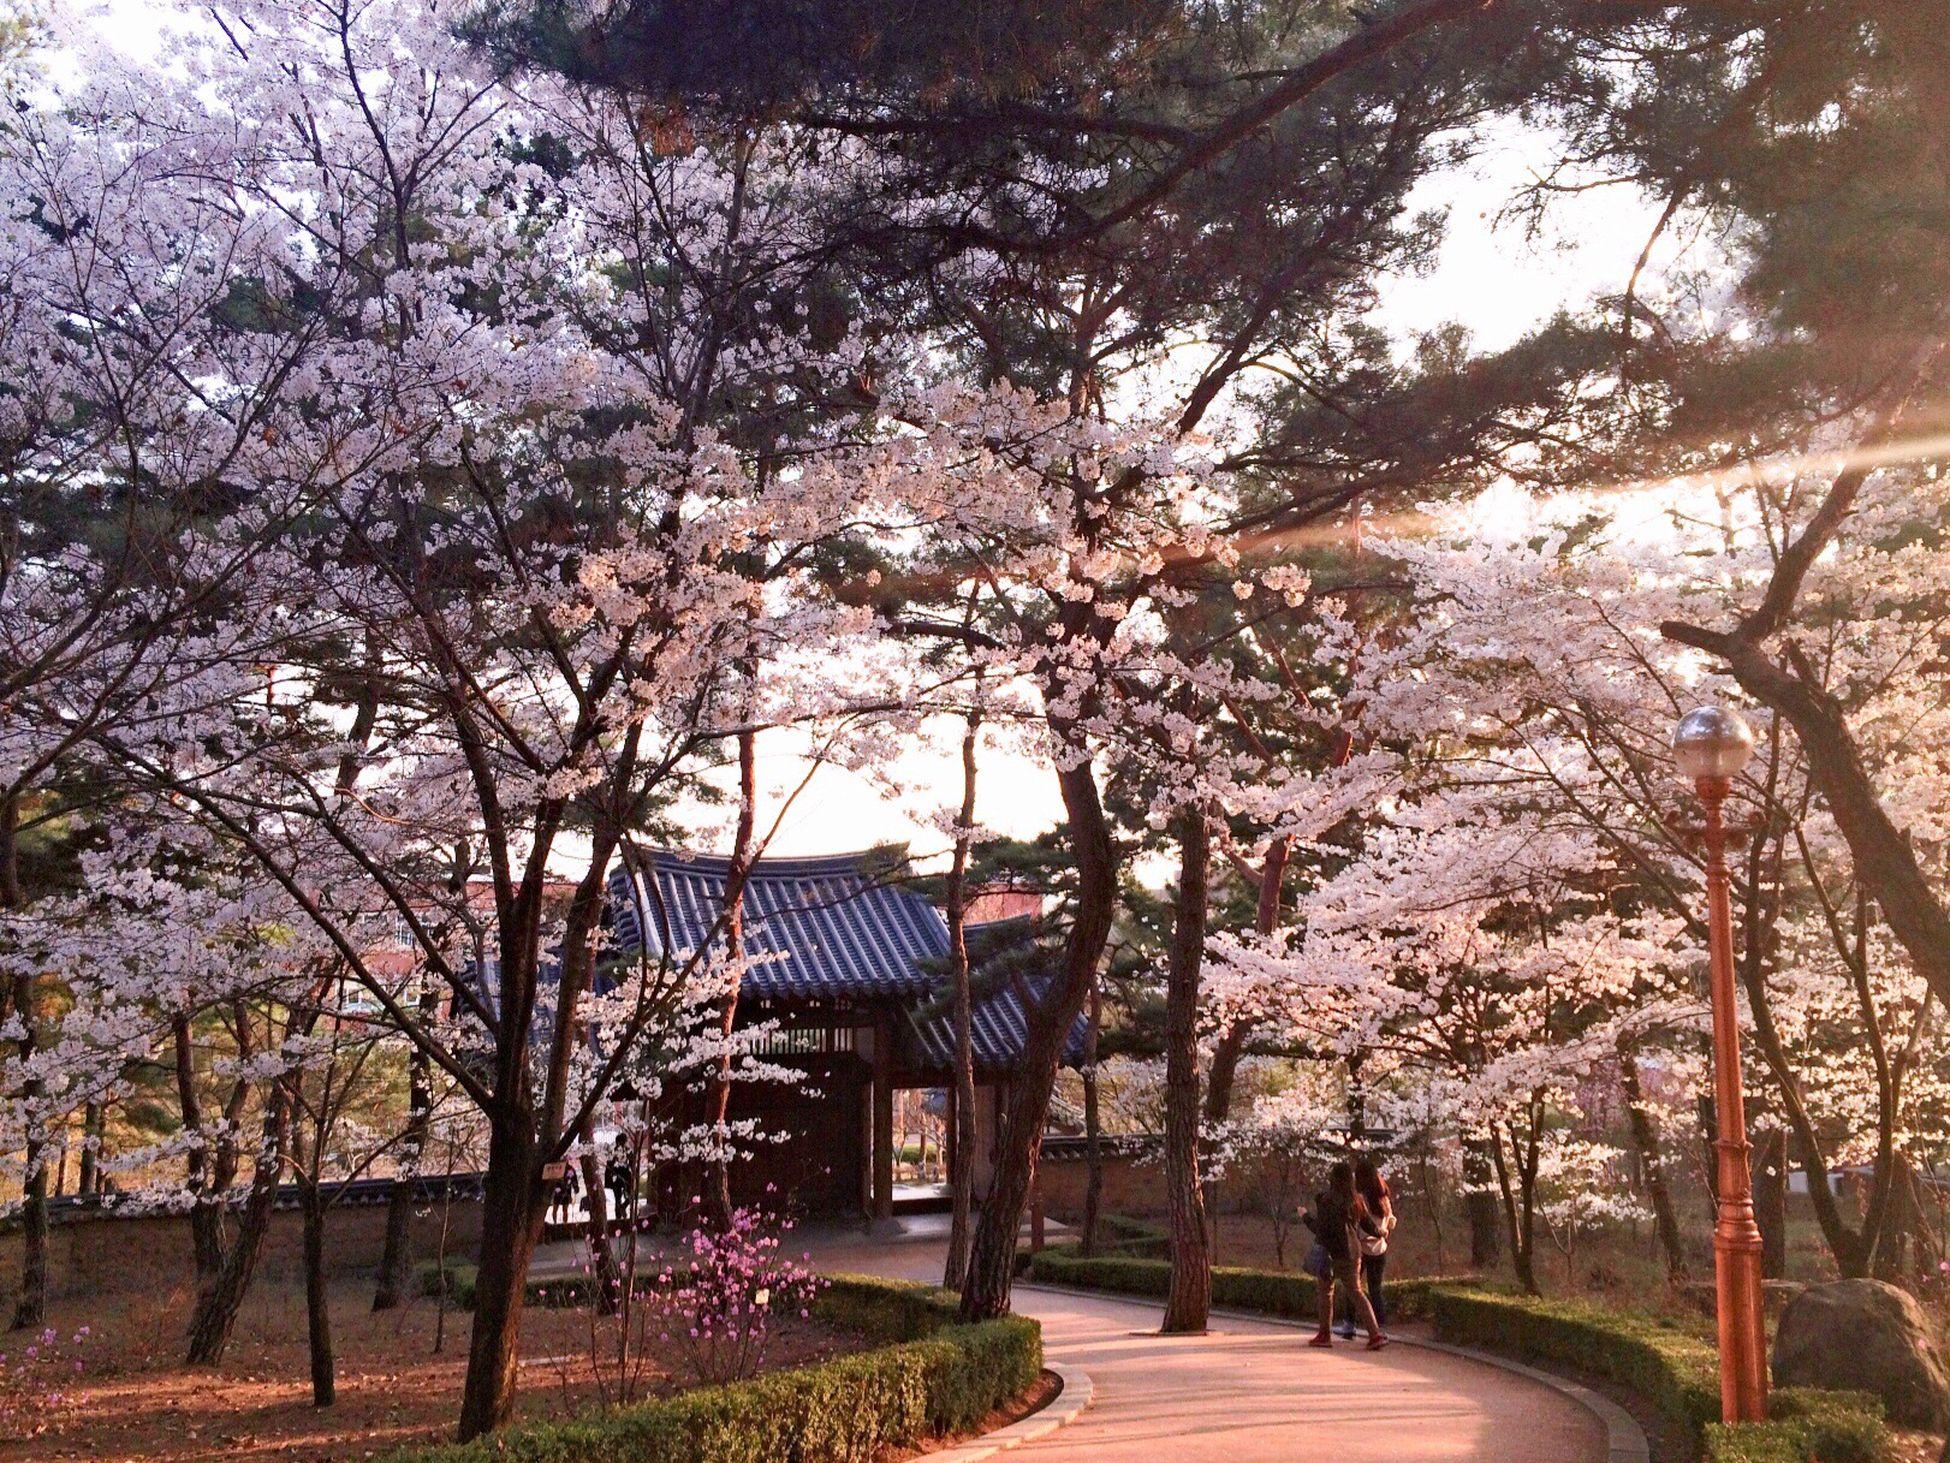 Keimyung University Cherry Blossoms